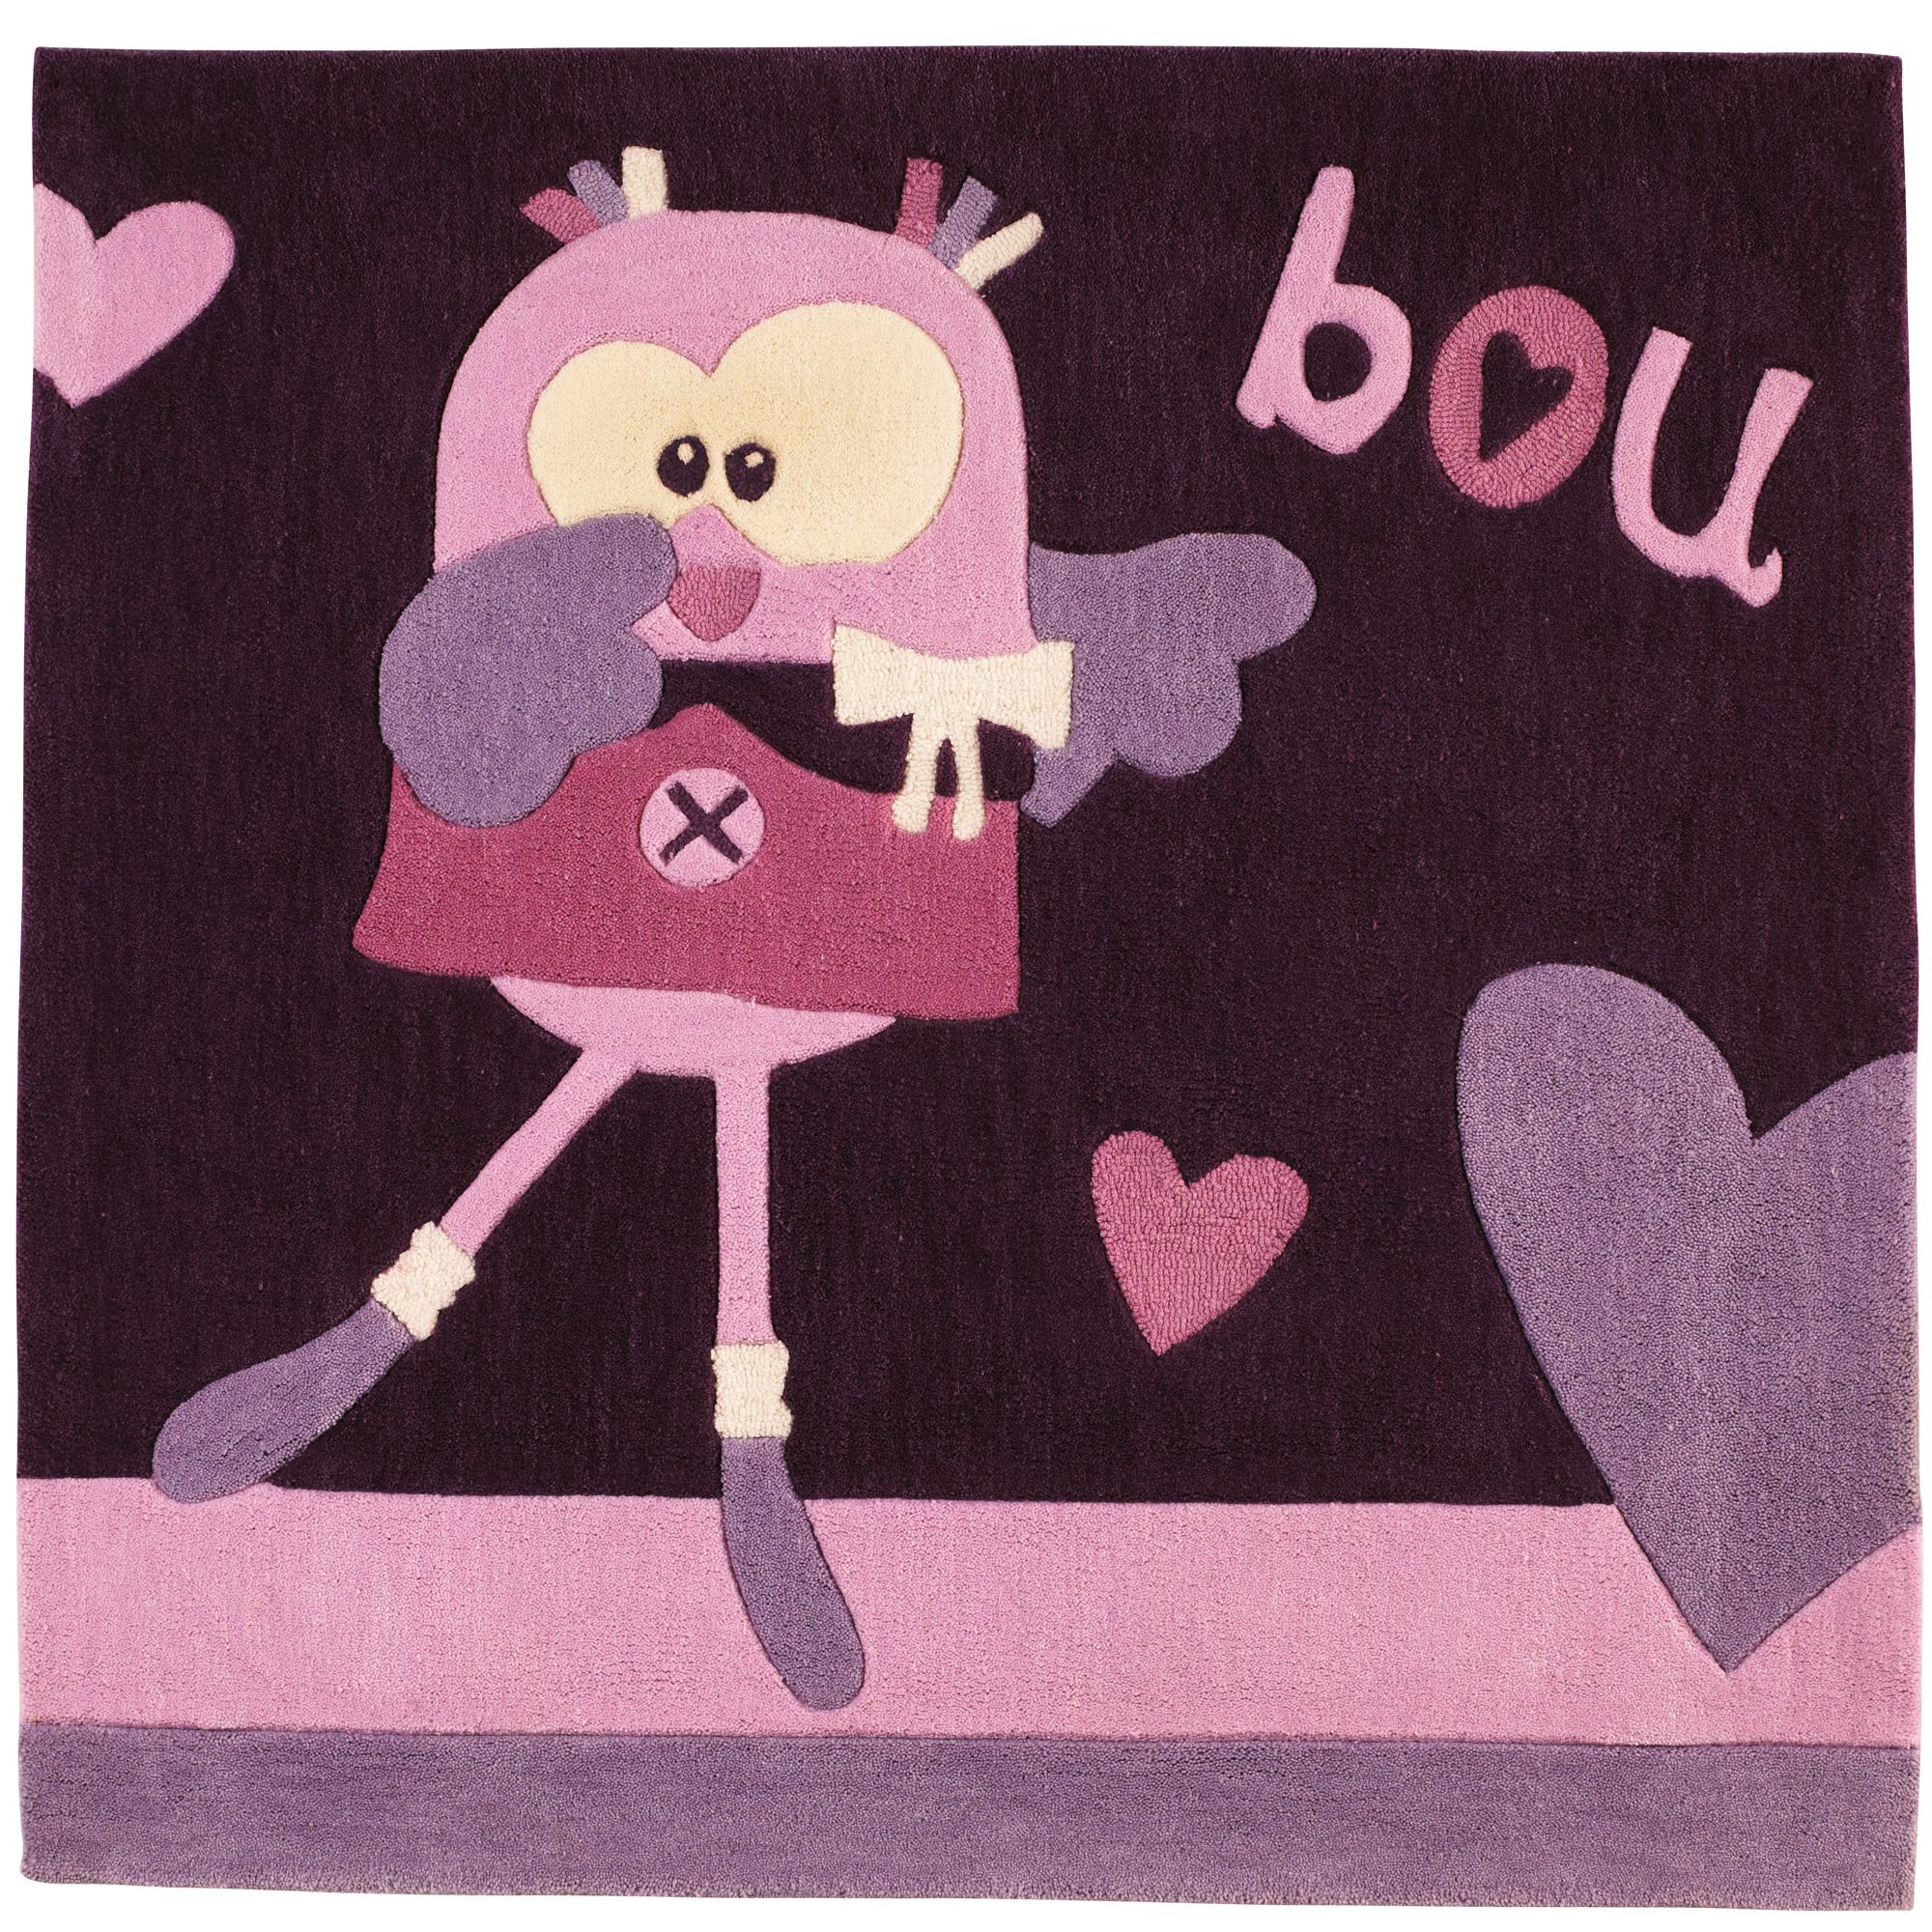 Mam Zelle Bou Tapis 110x110 Cm Violet 110x110 Cm De Sauthon Baby